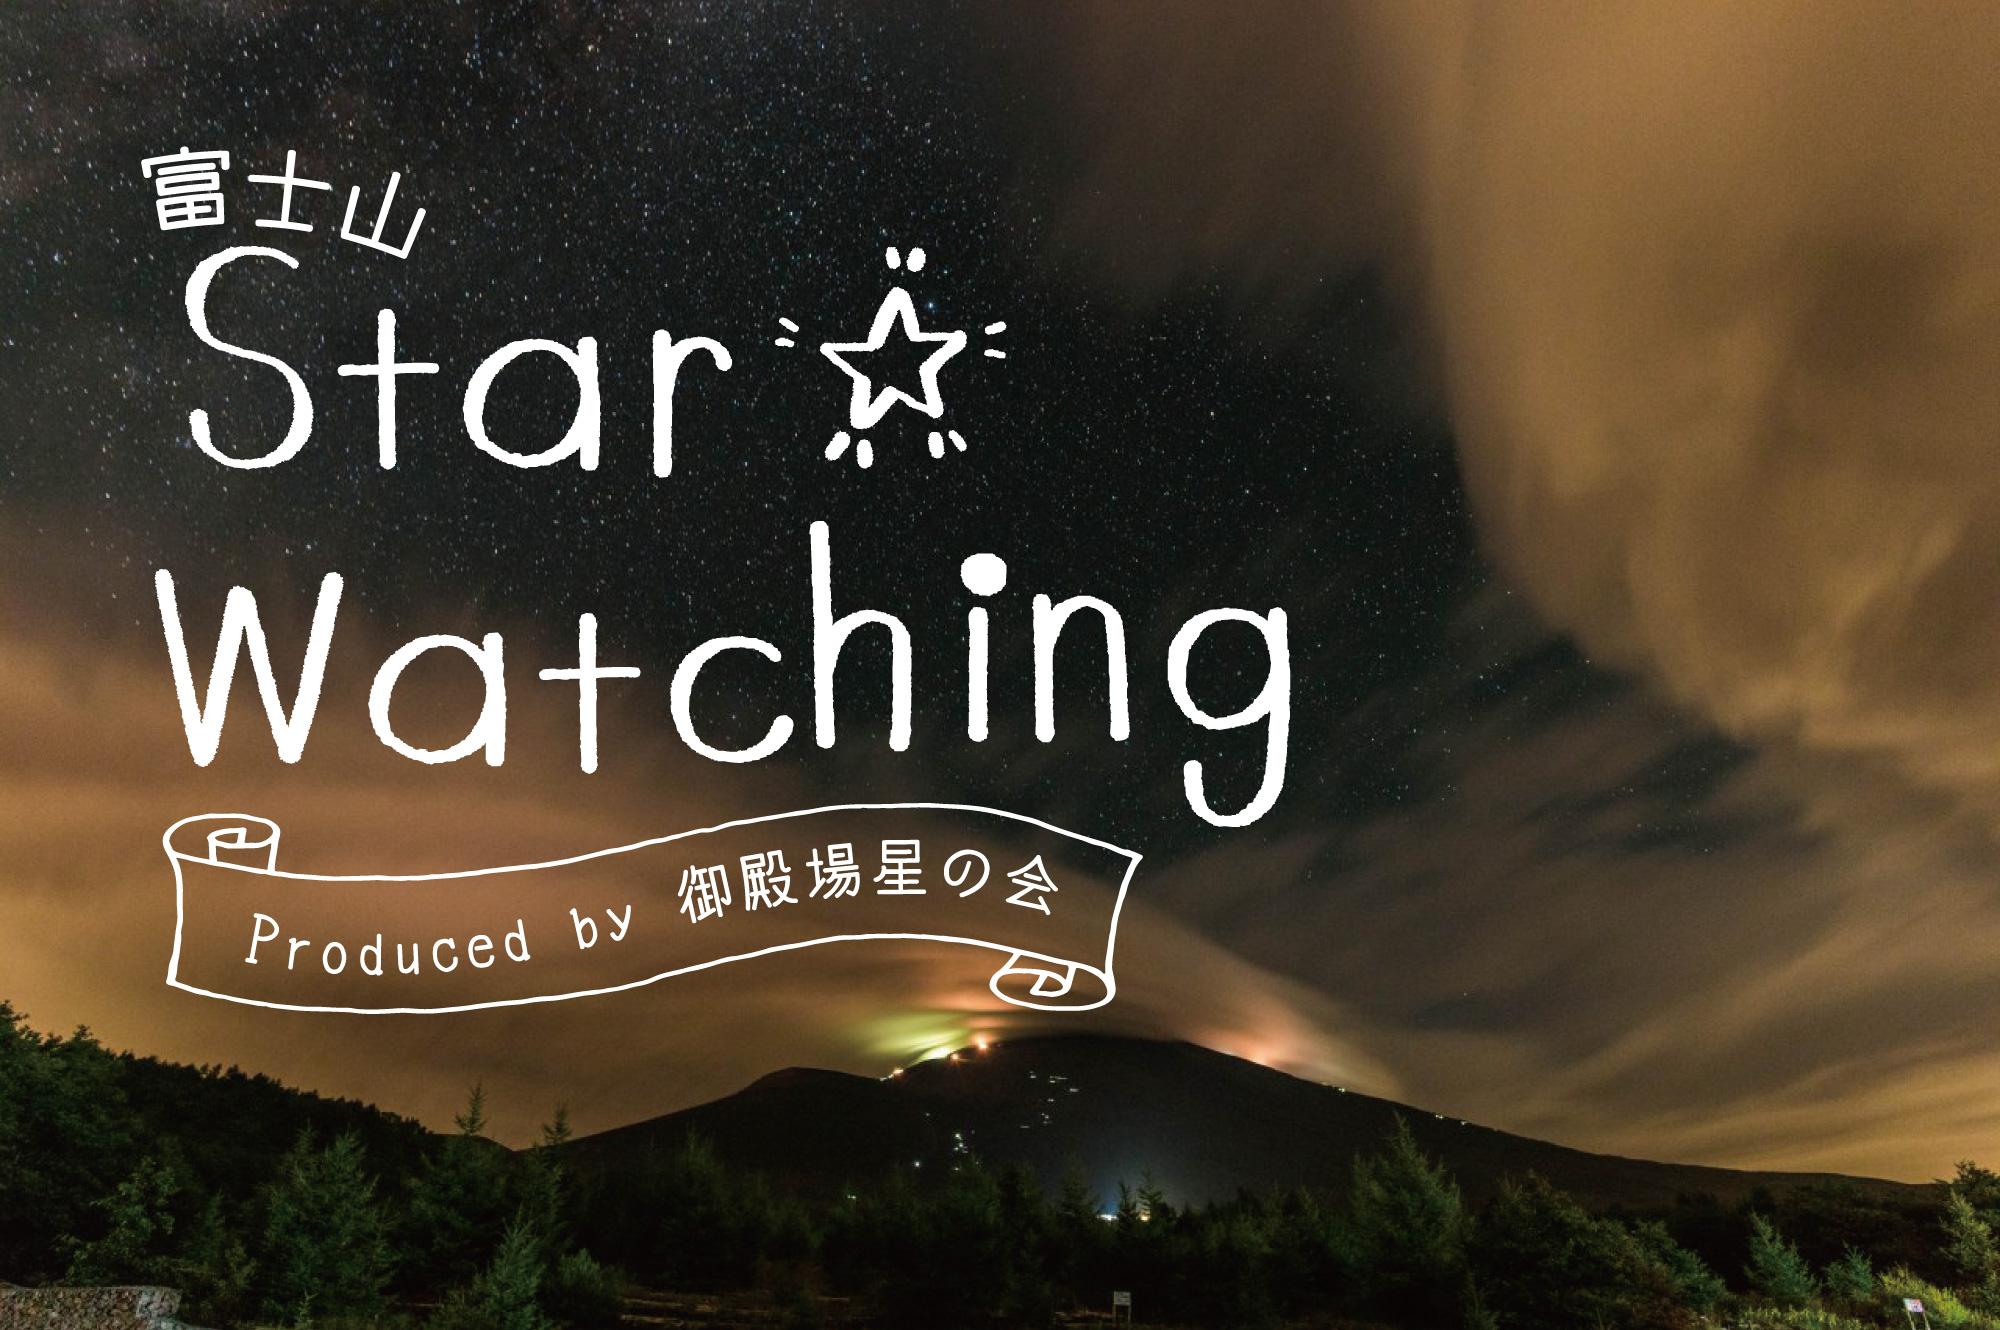 御殿場口で星空観察しませんか?</br>富士山スターウォッチング